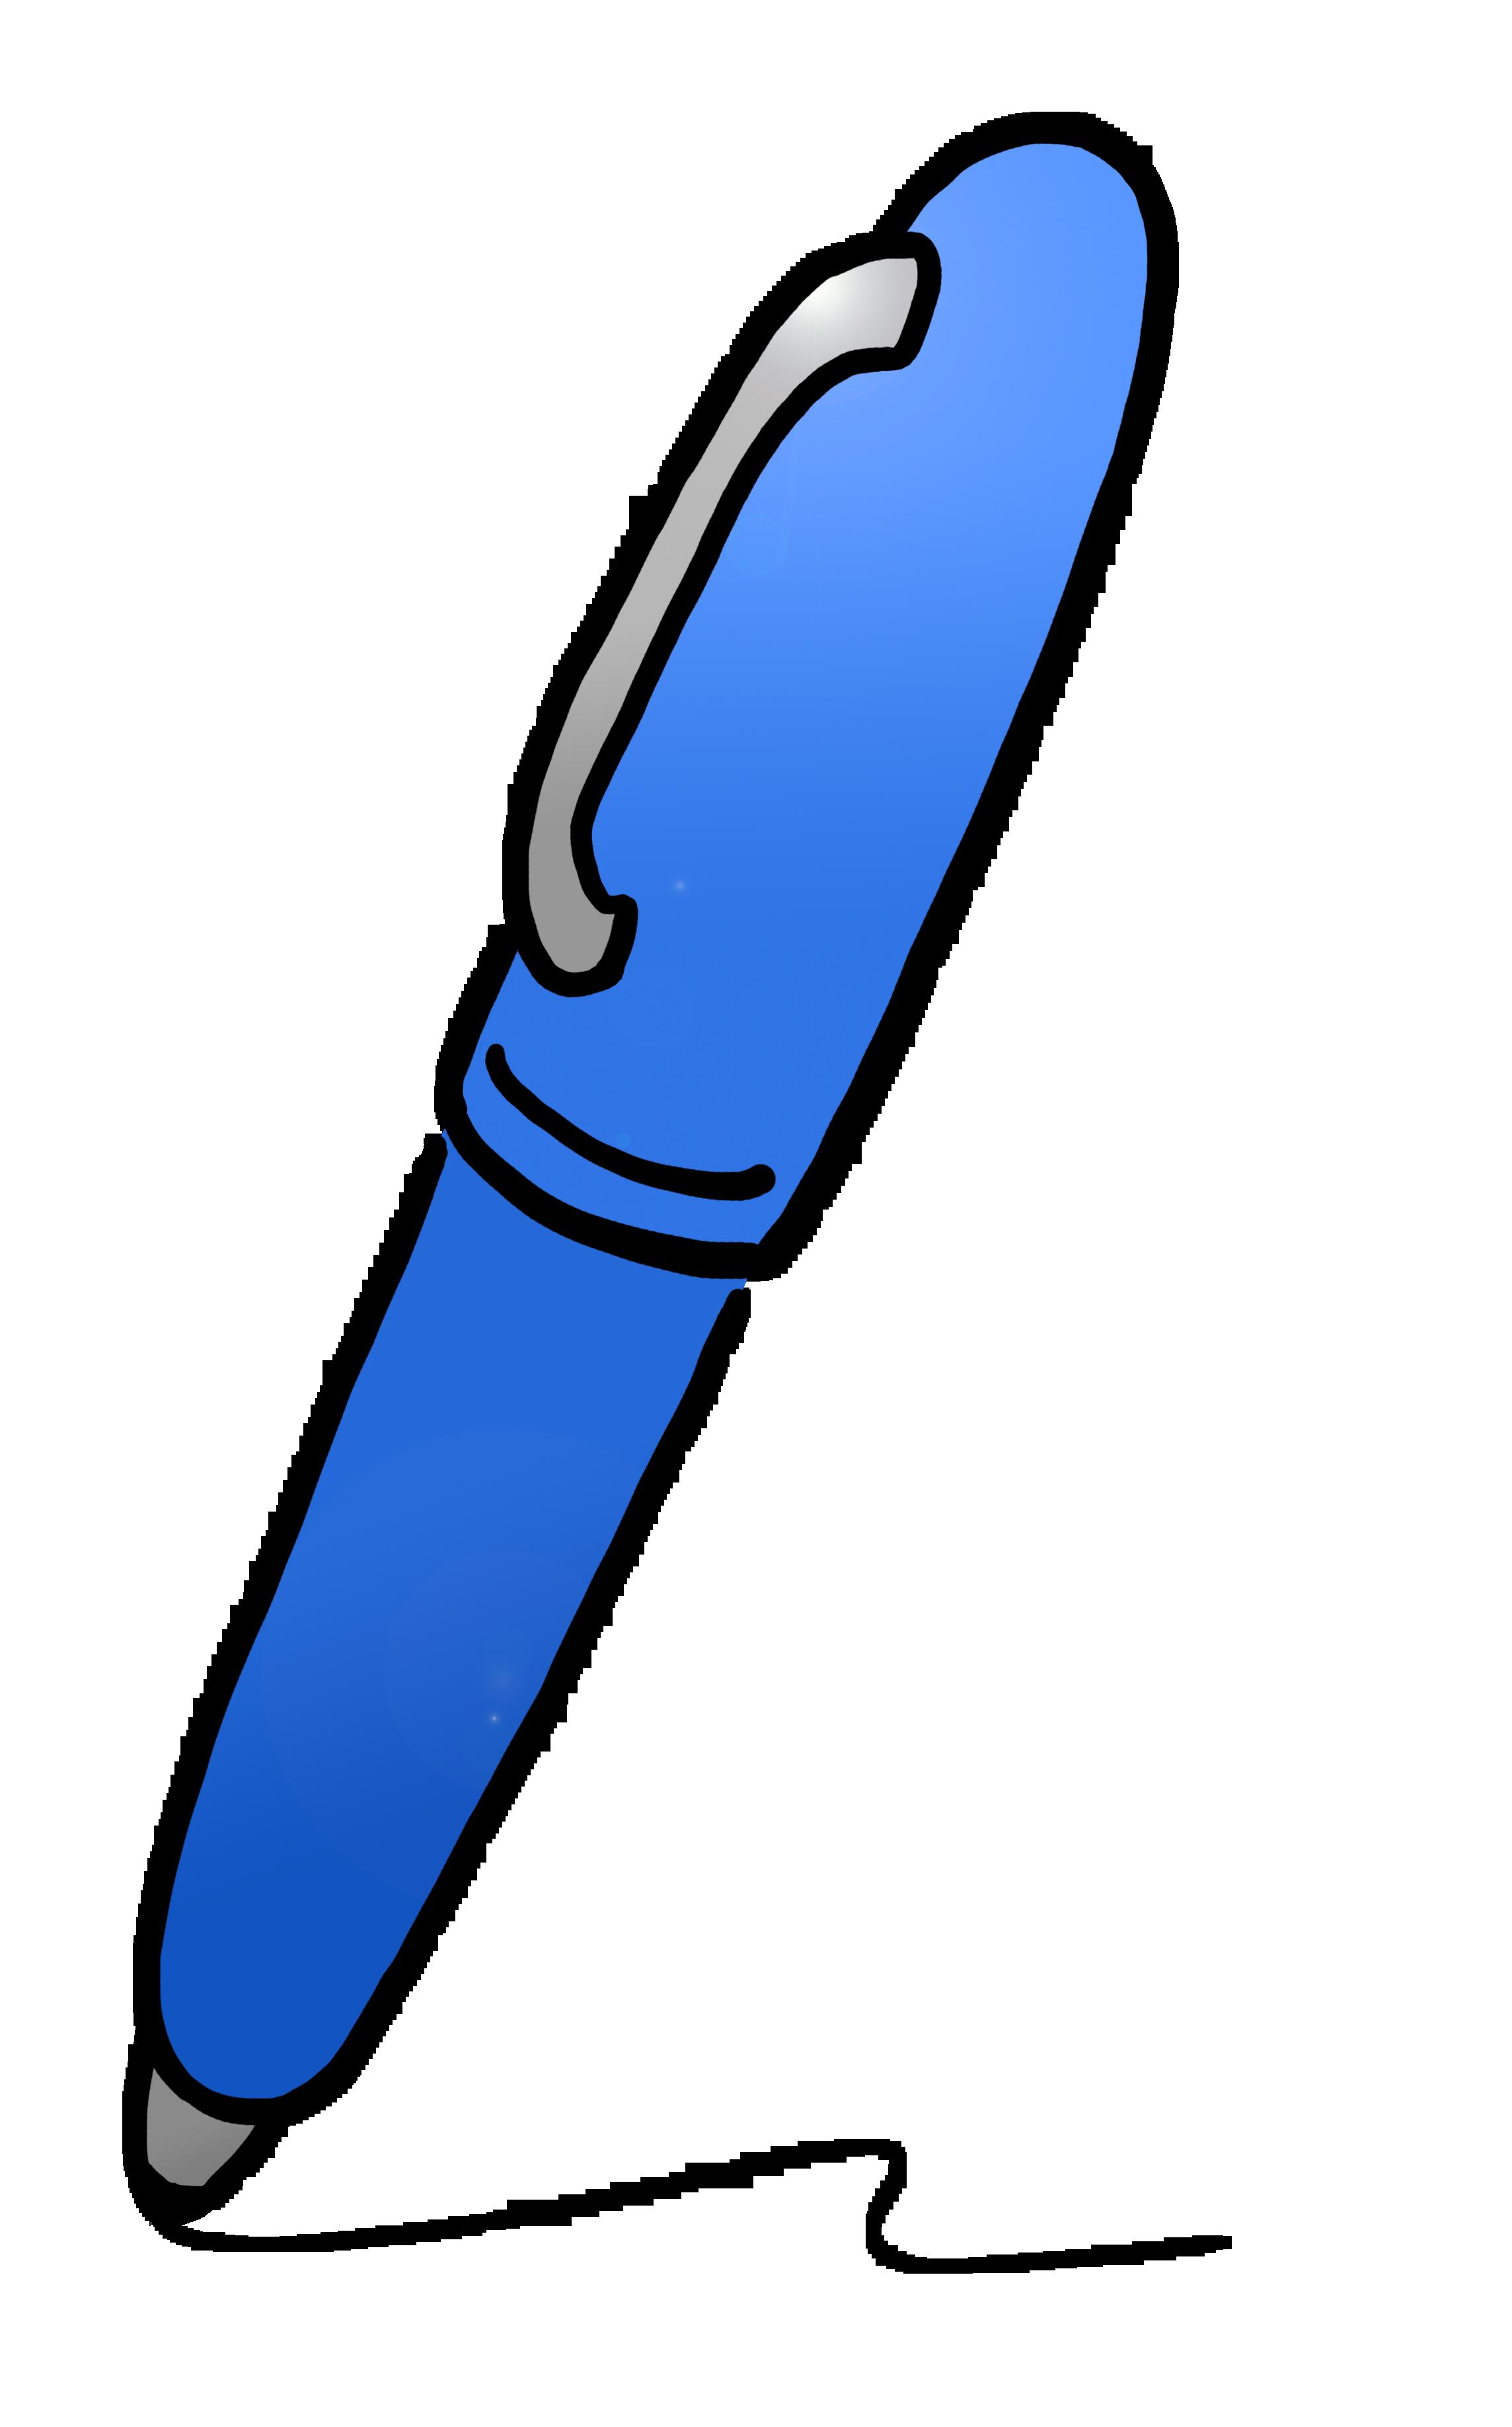 pen-clipart-cliparts-co-mmij0j-clipart